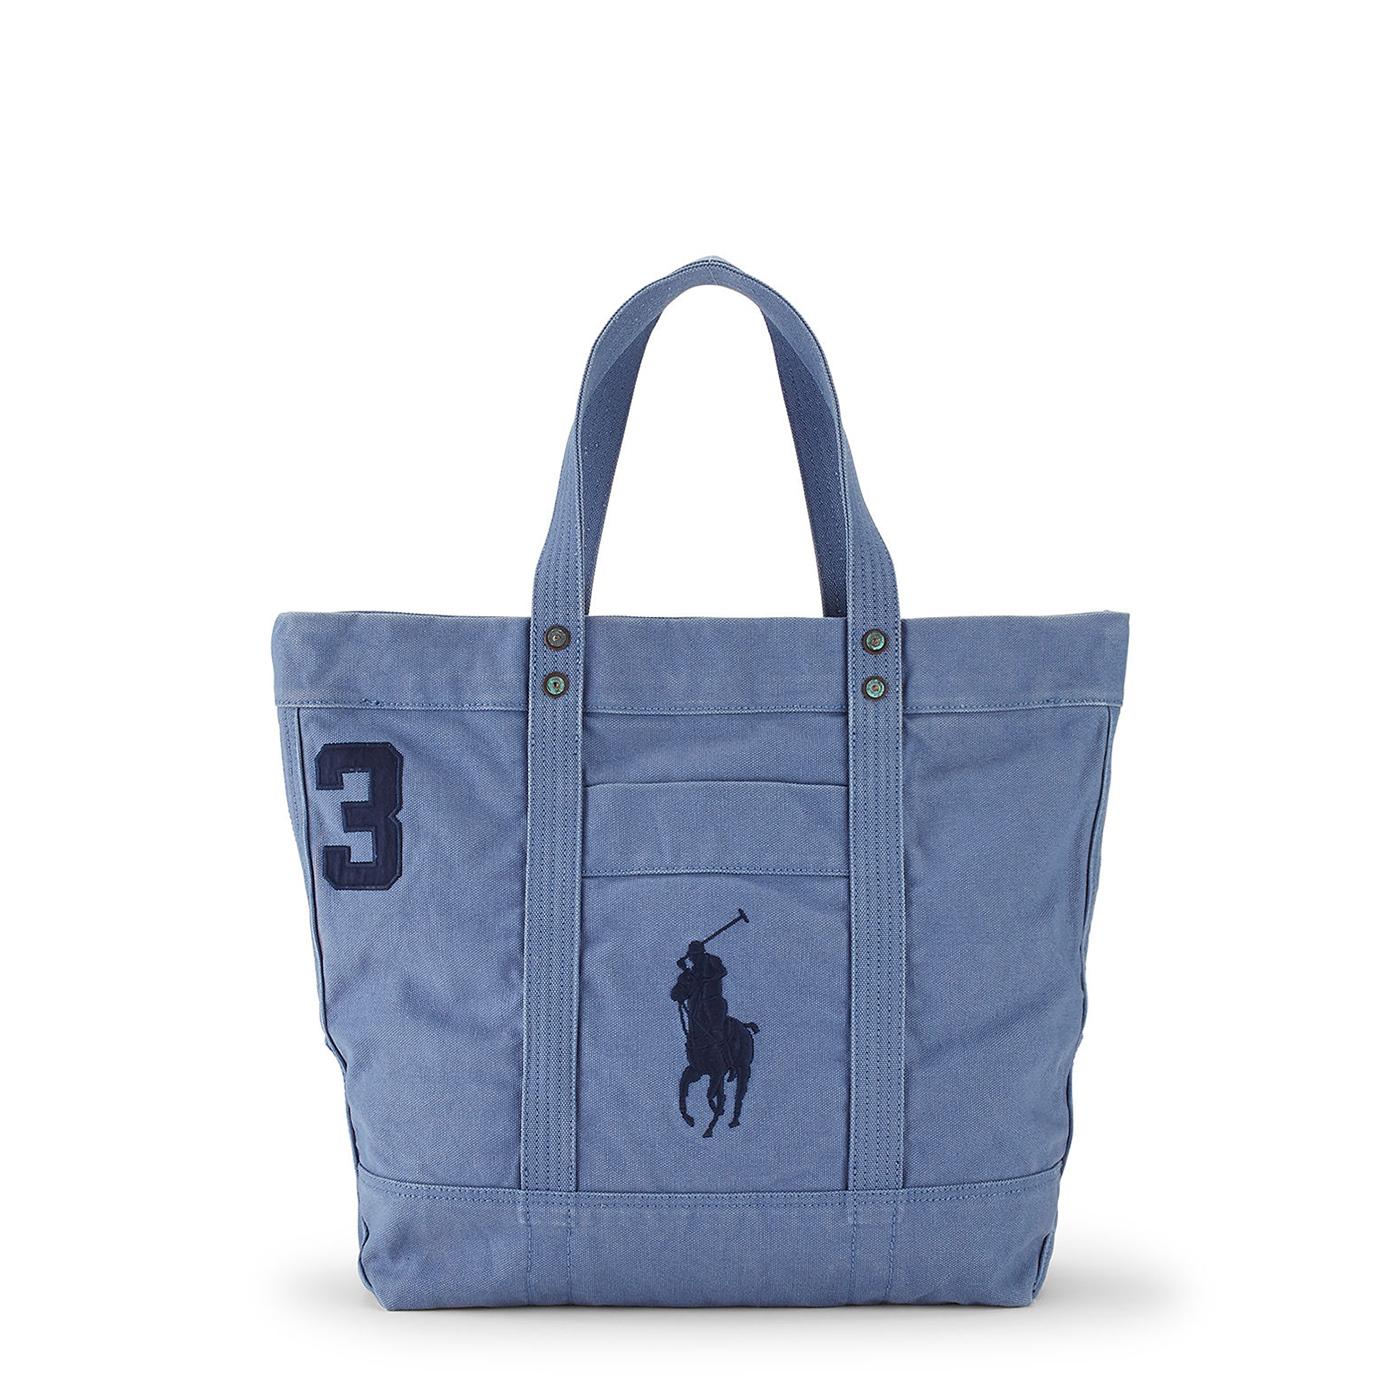 美國百分百【Ralph Lauren】包包 RL 托特包 手提包 帆布 Polo 大馬 拉鍊 Logo 藍灰 F943